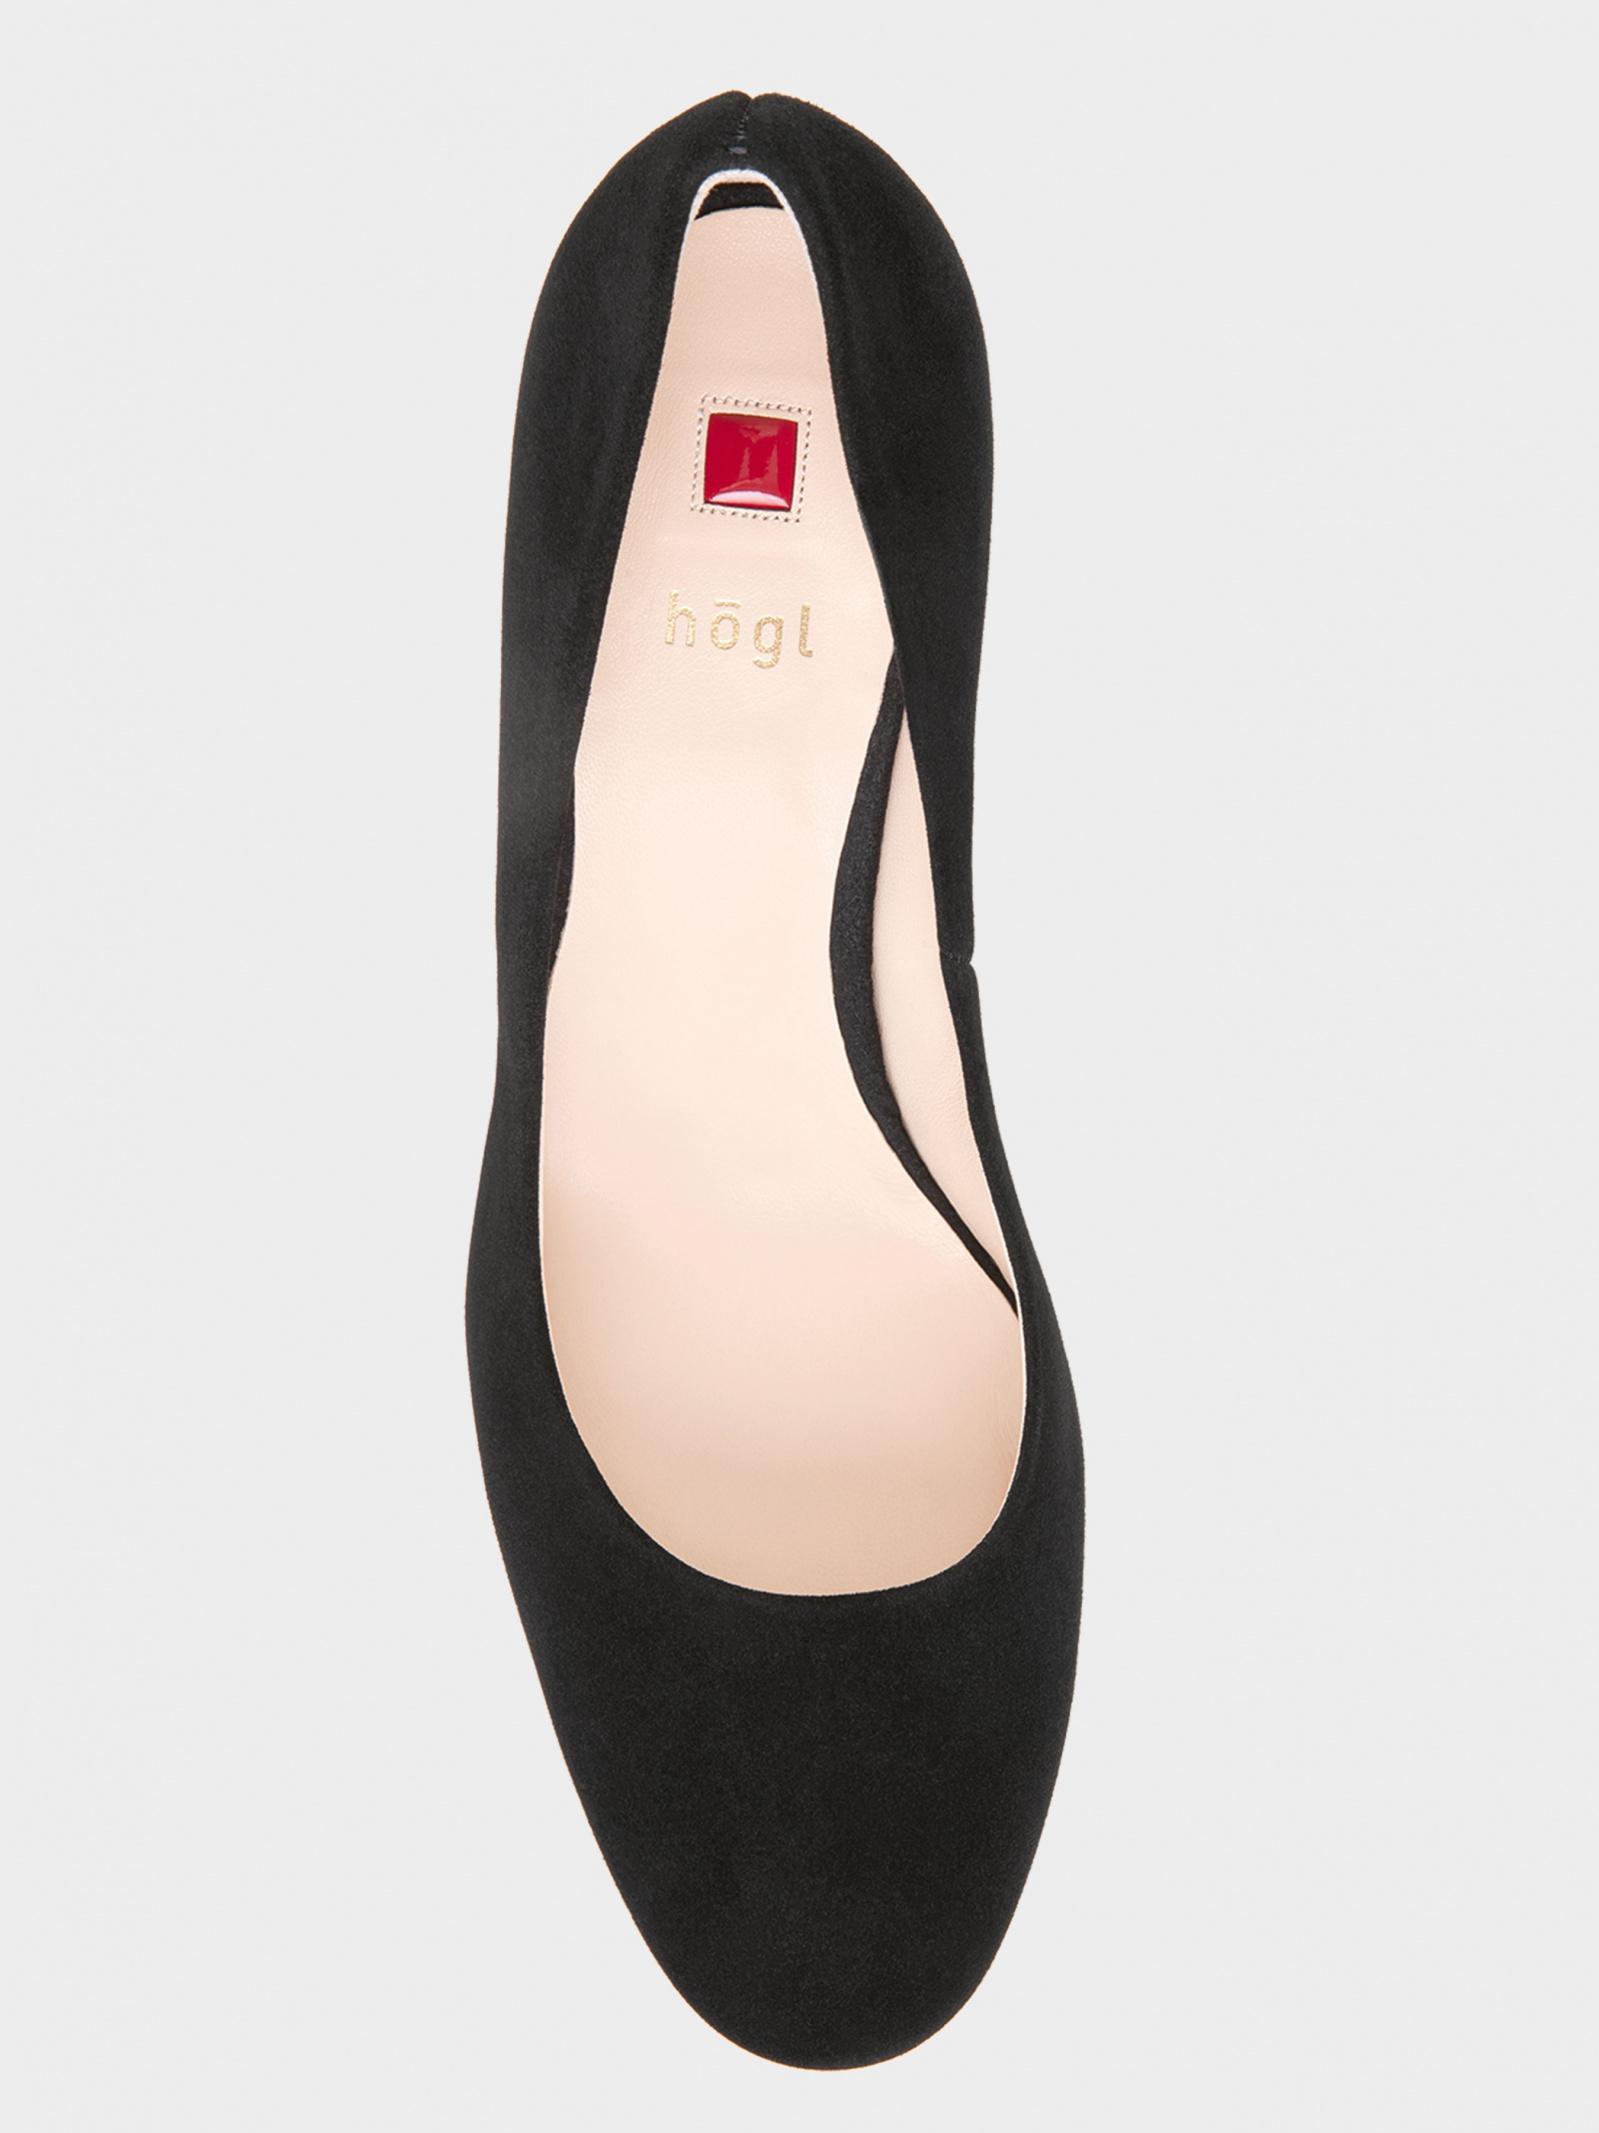 Туфли женские Hogl STUDIO 50 YN3951 стоимость, 2017